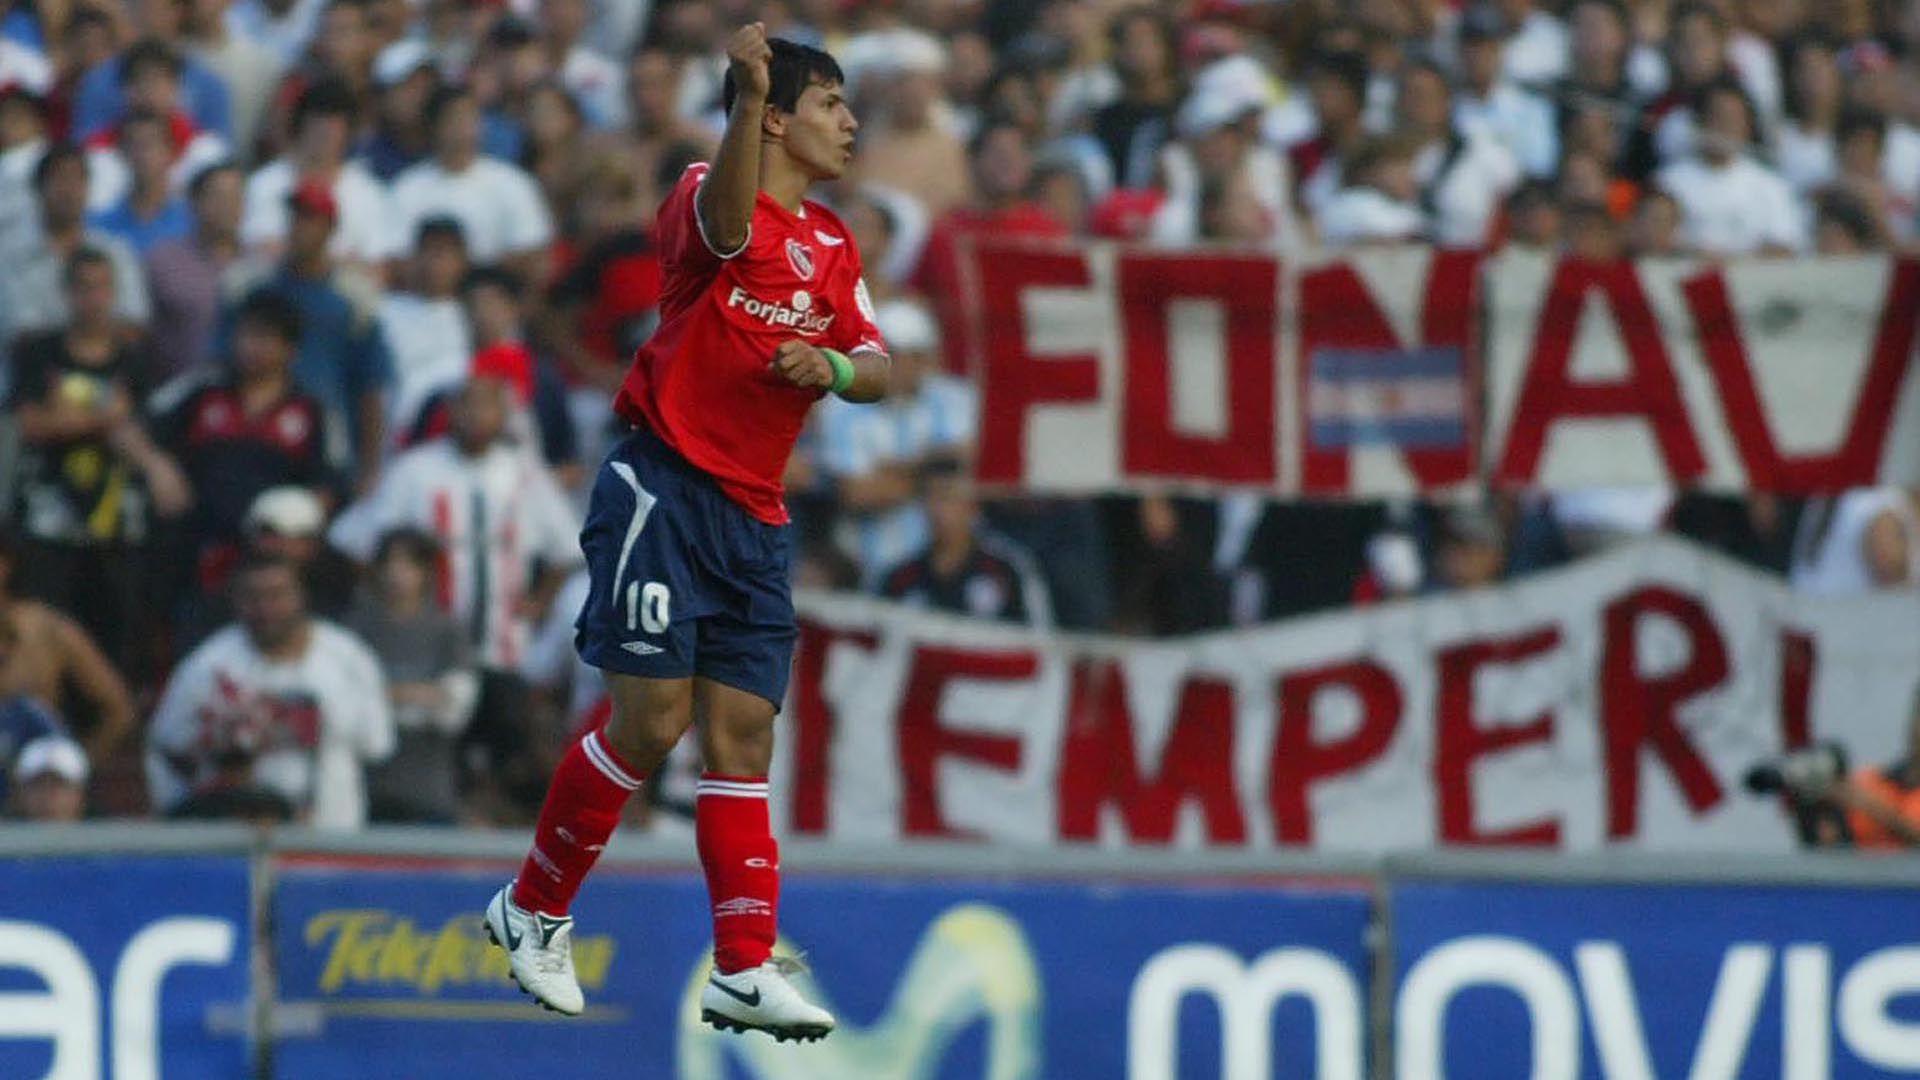 Mientras hacía inferiores en Independiente, Agüero fue a probarse a dos clubes (Fotobaires)